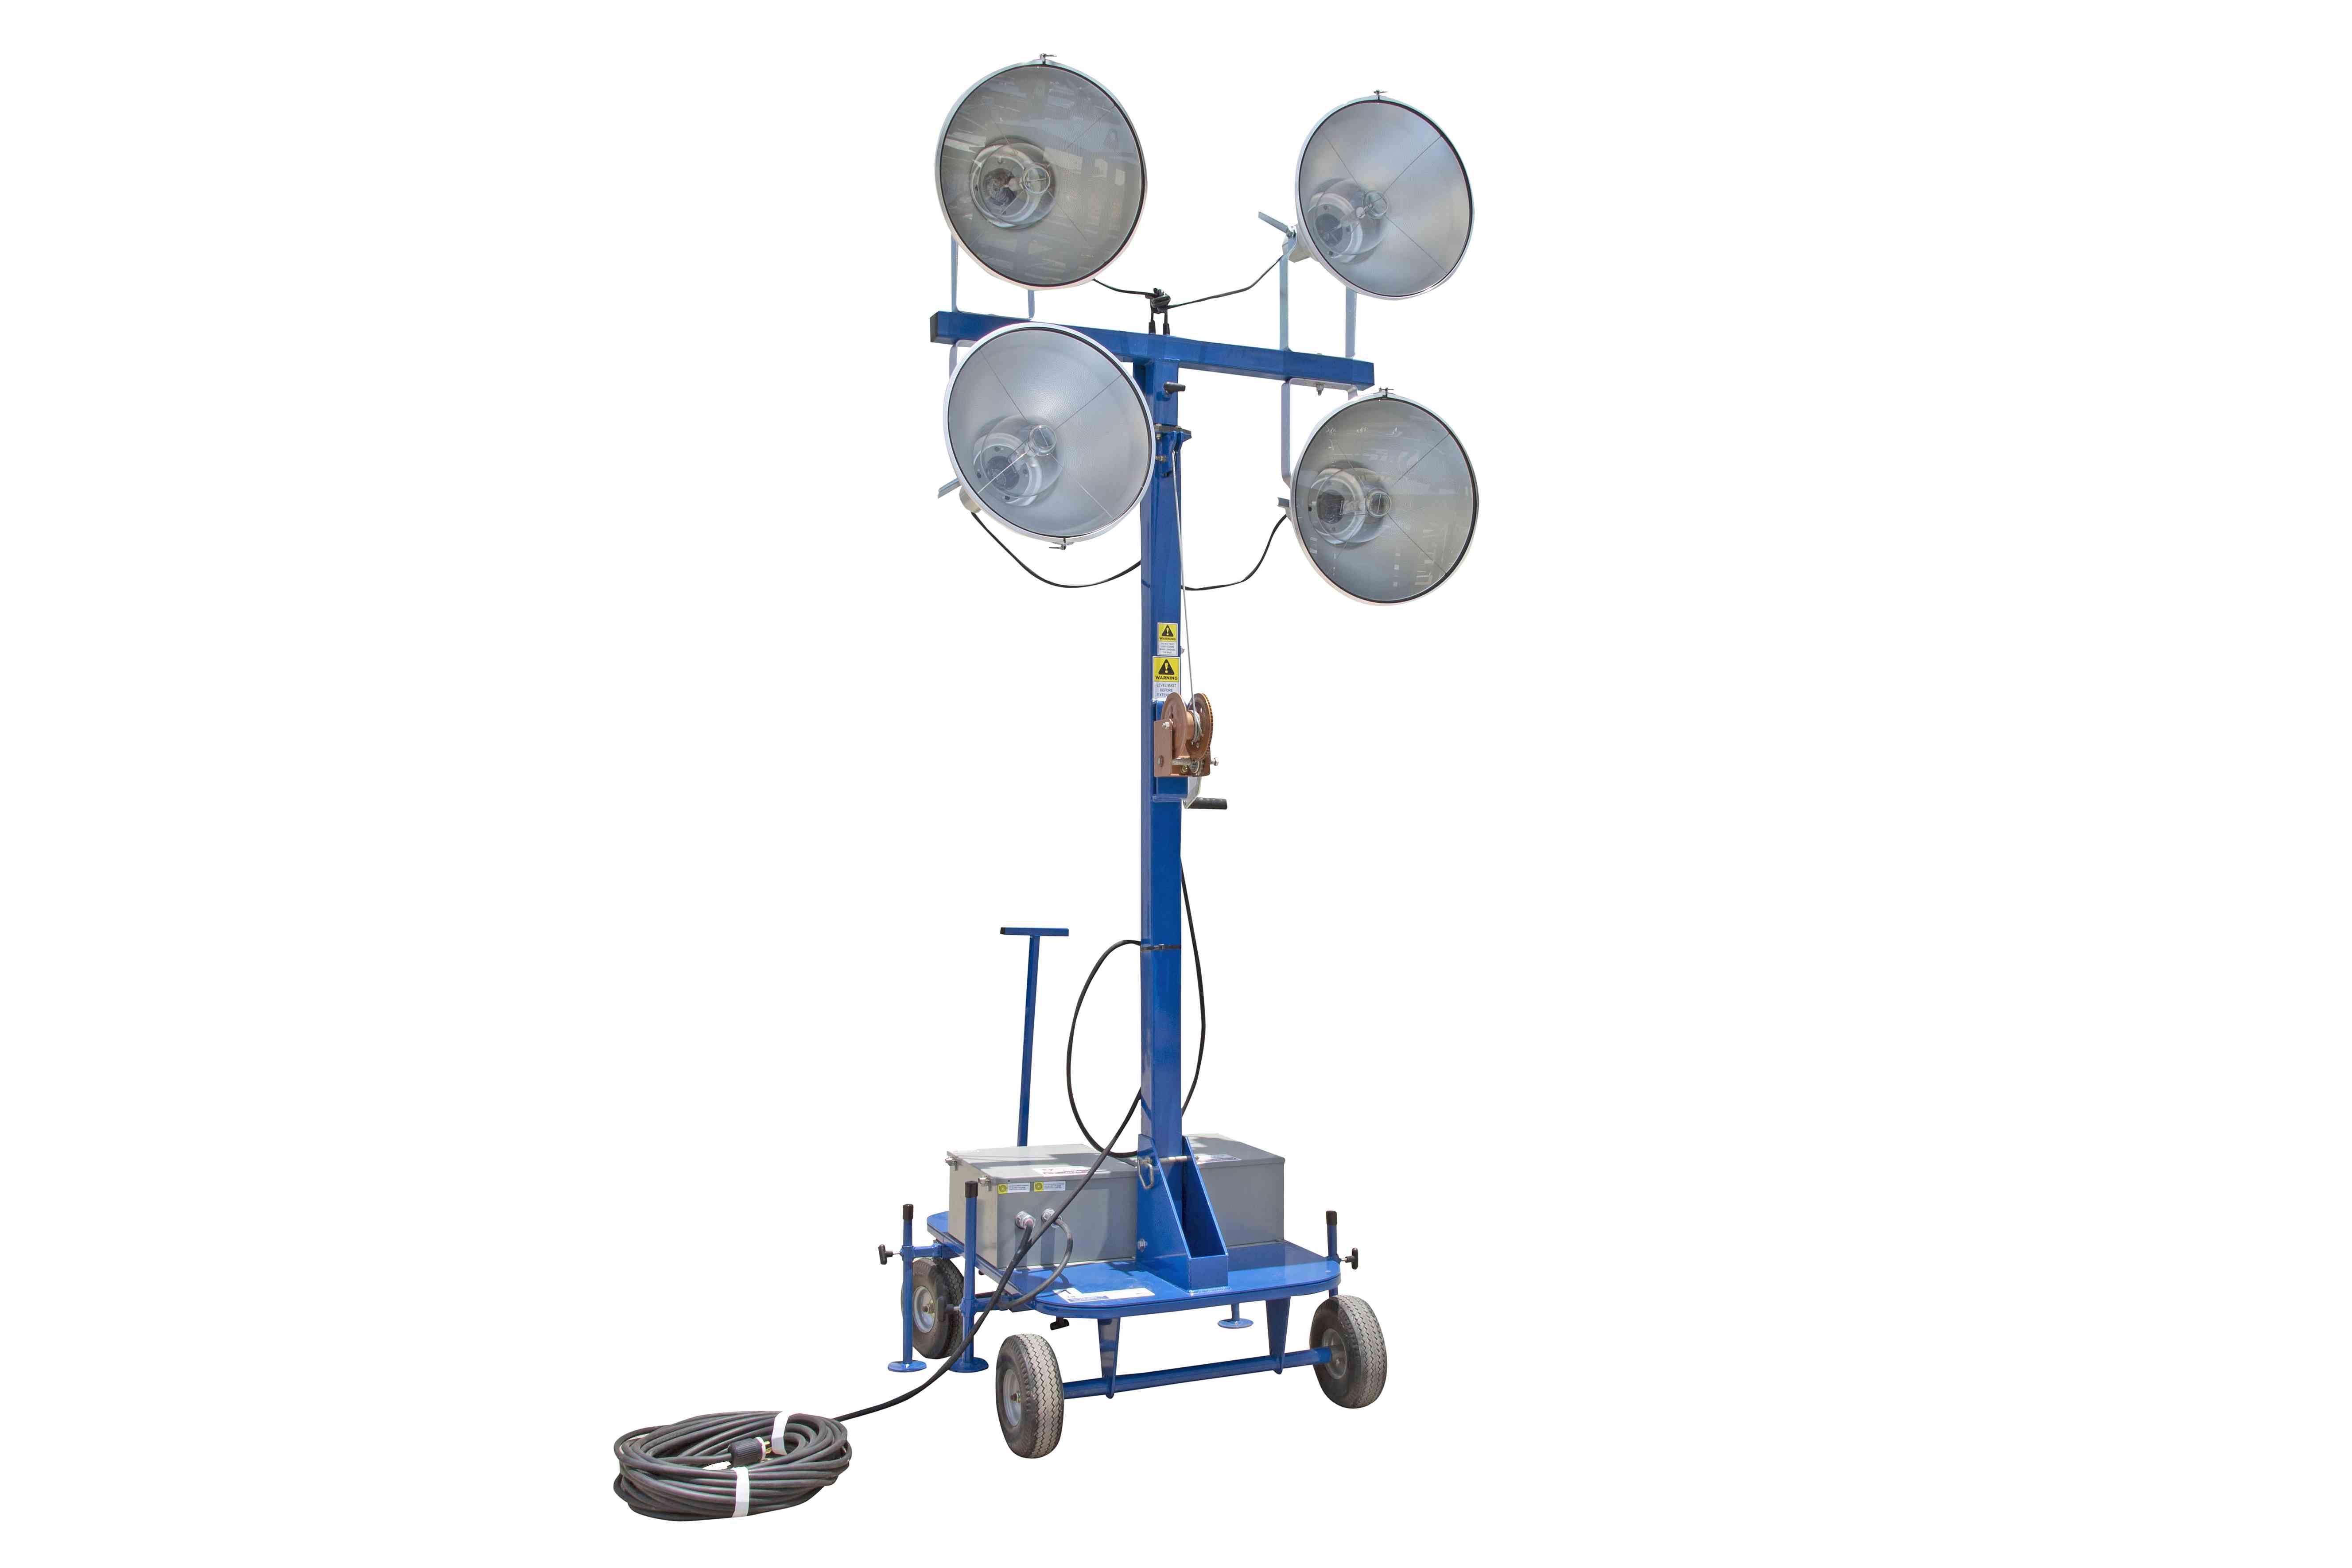 Watt Non Towable Mini Light Tower With Wheels